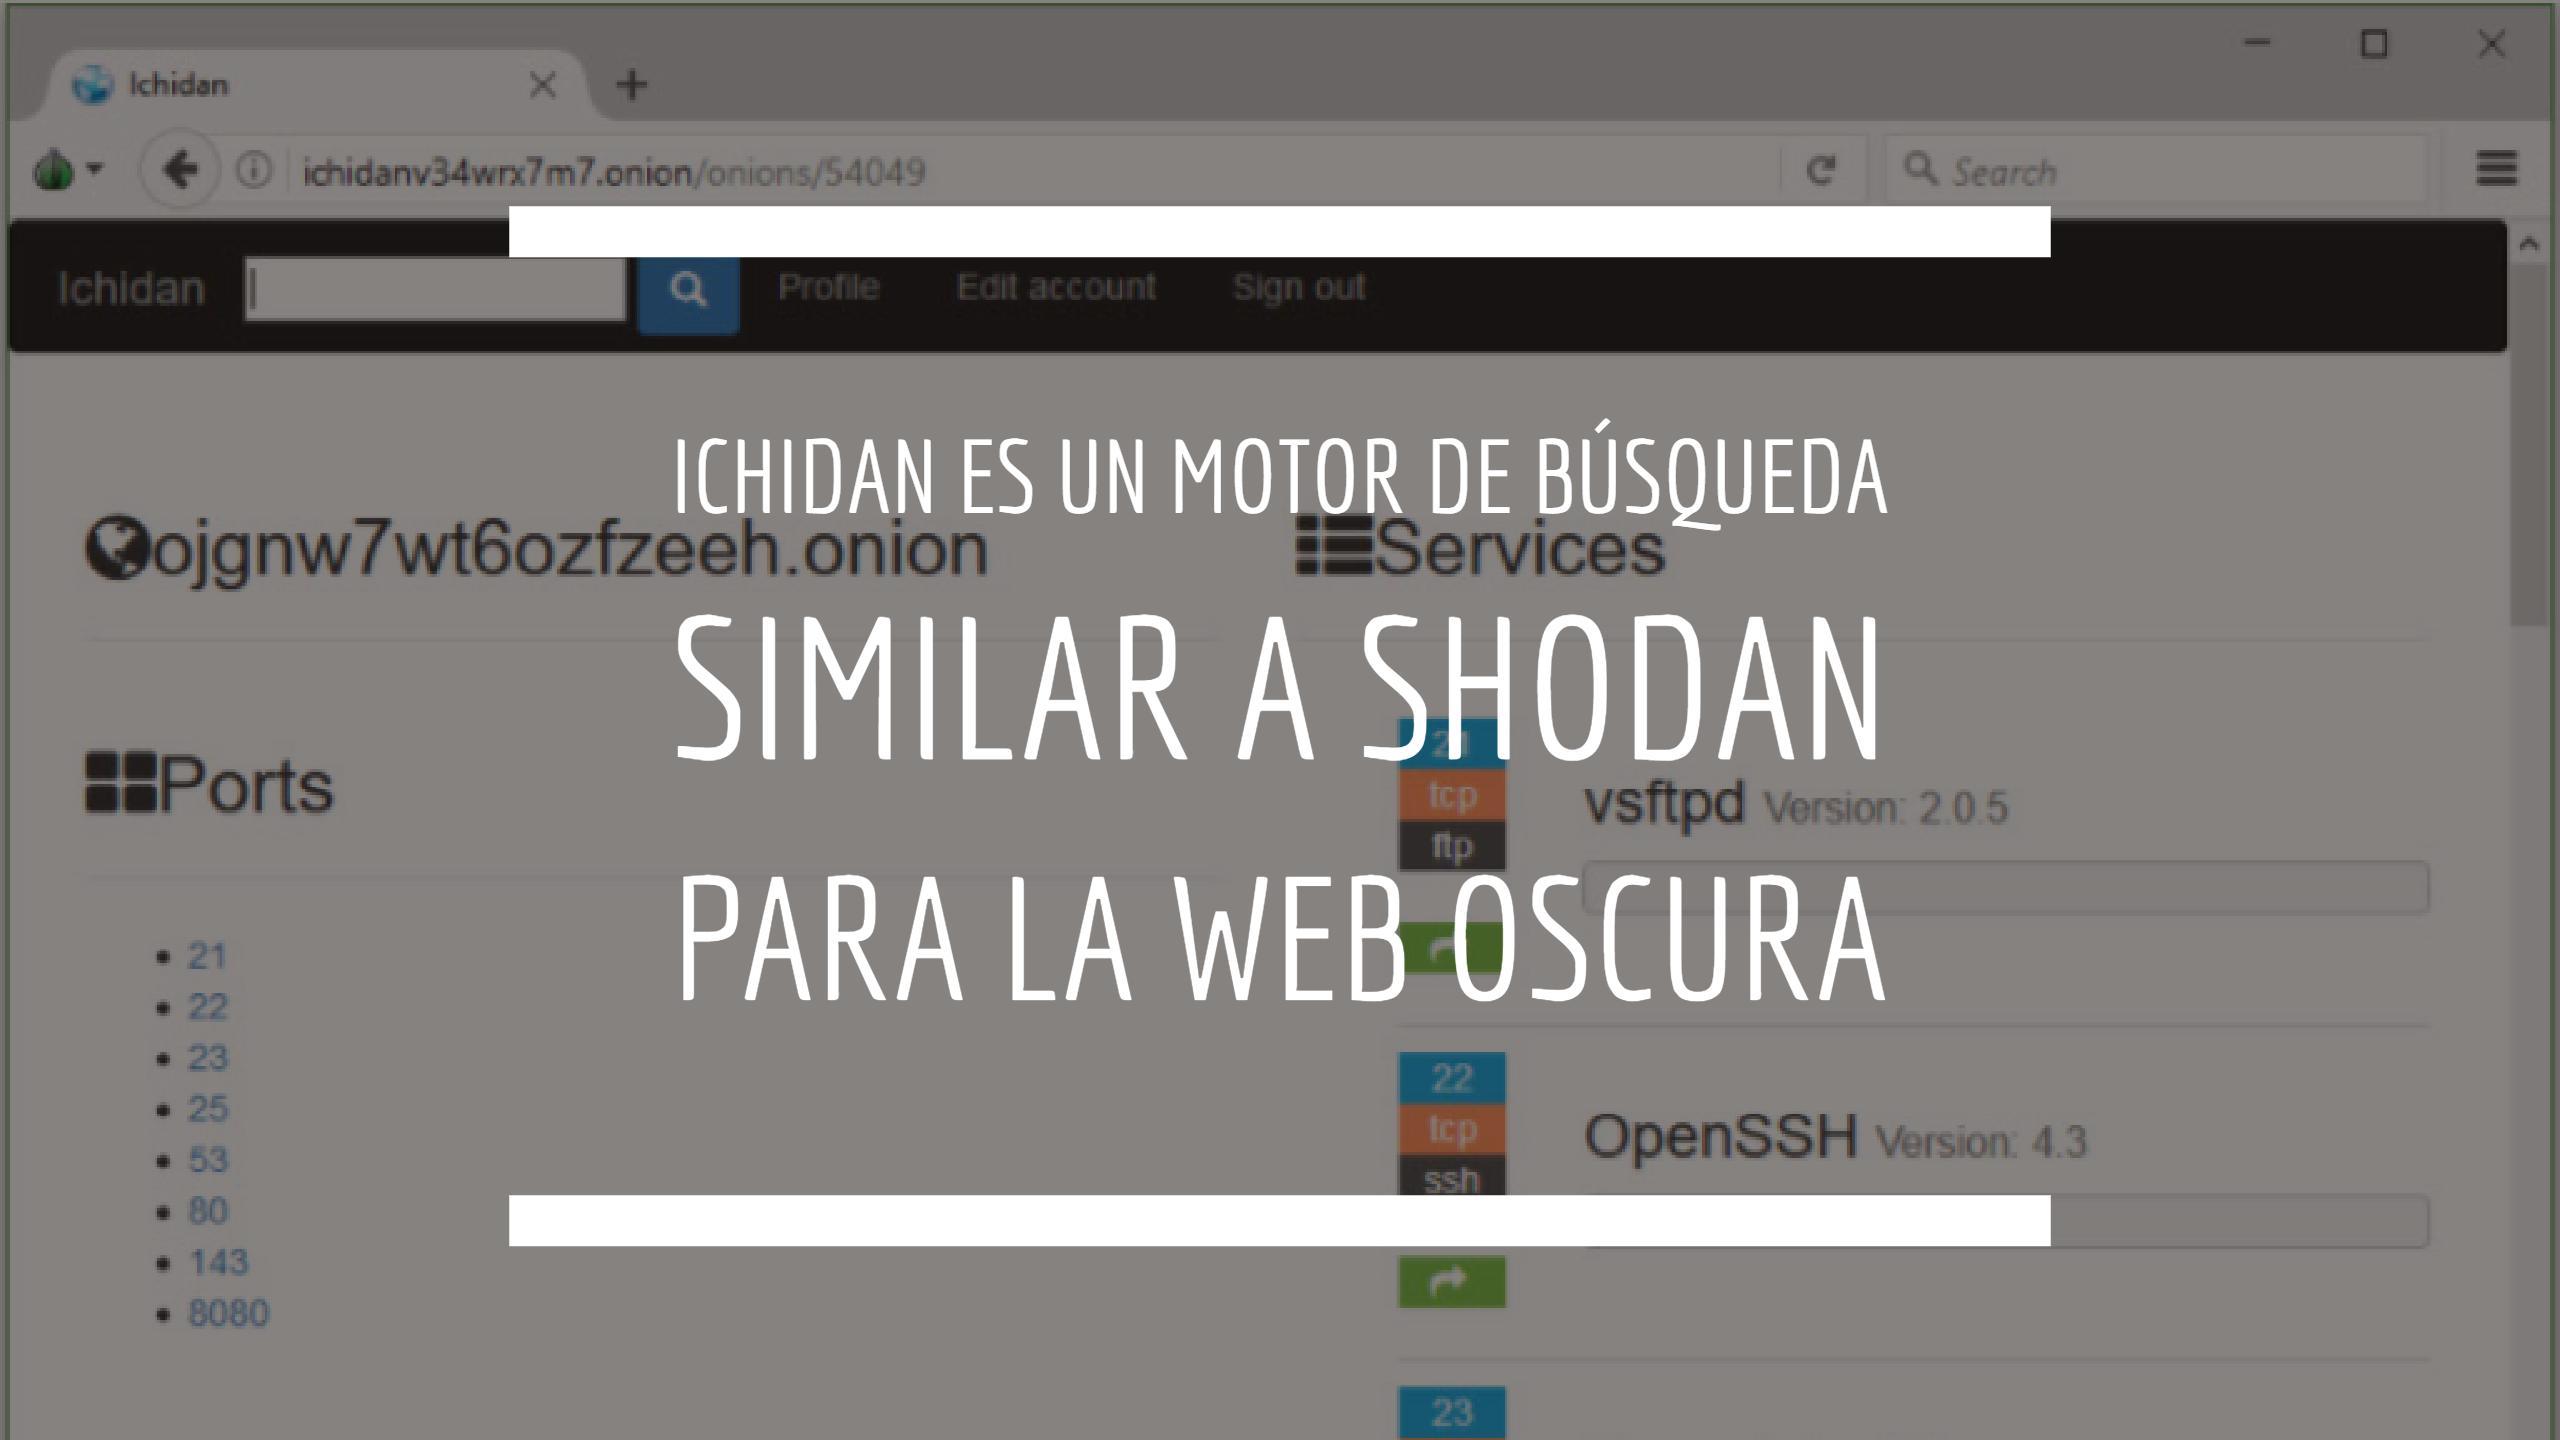 Ichidan es un motor de búsqueda similar a Shodan para la web oscura